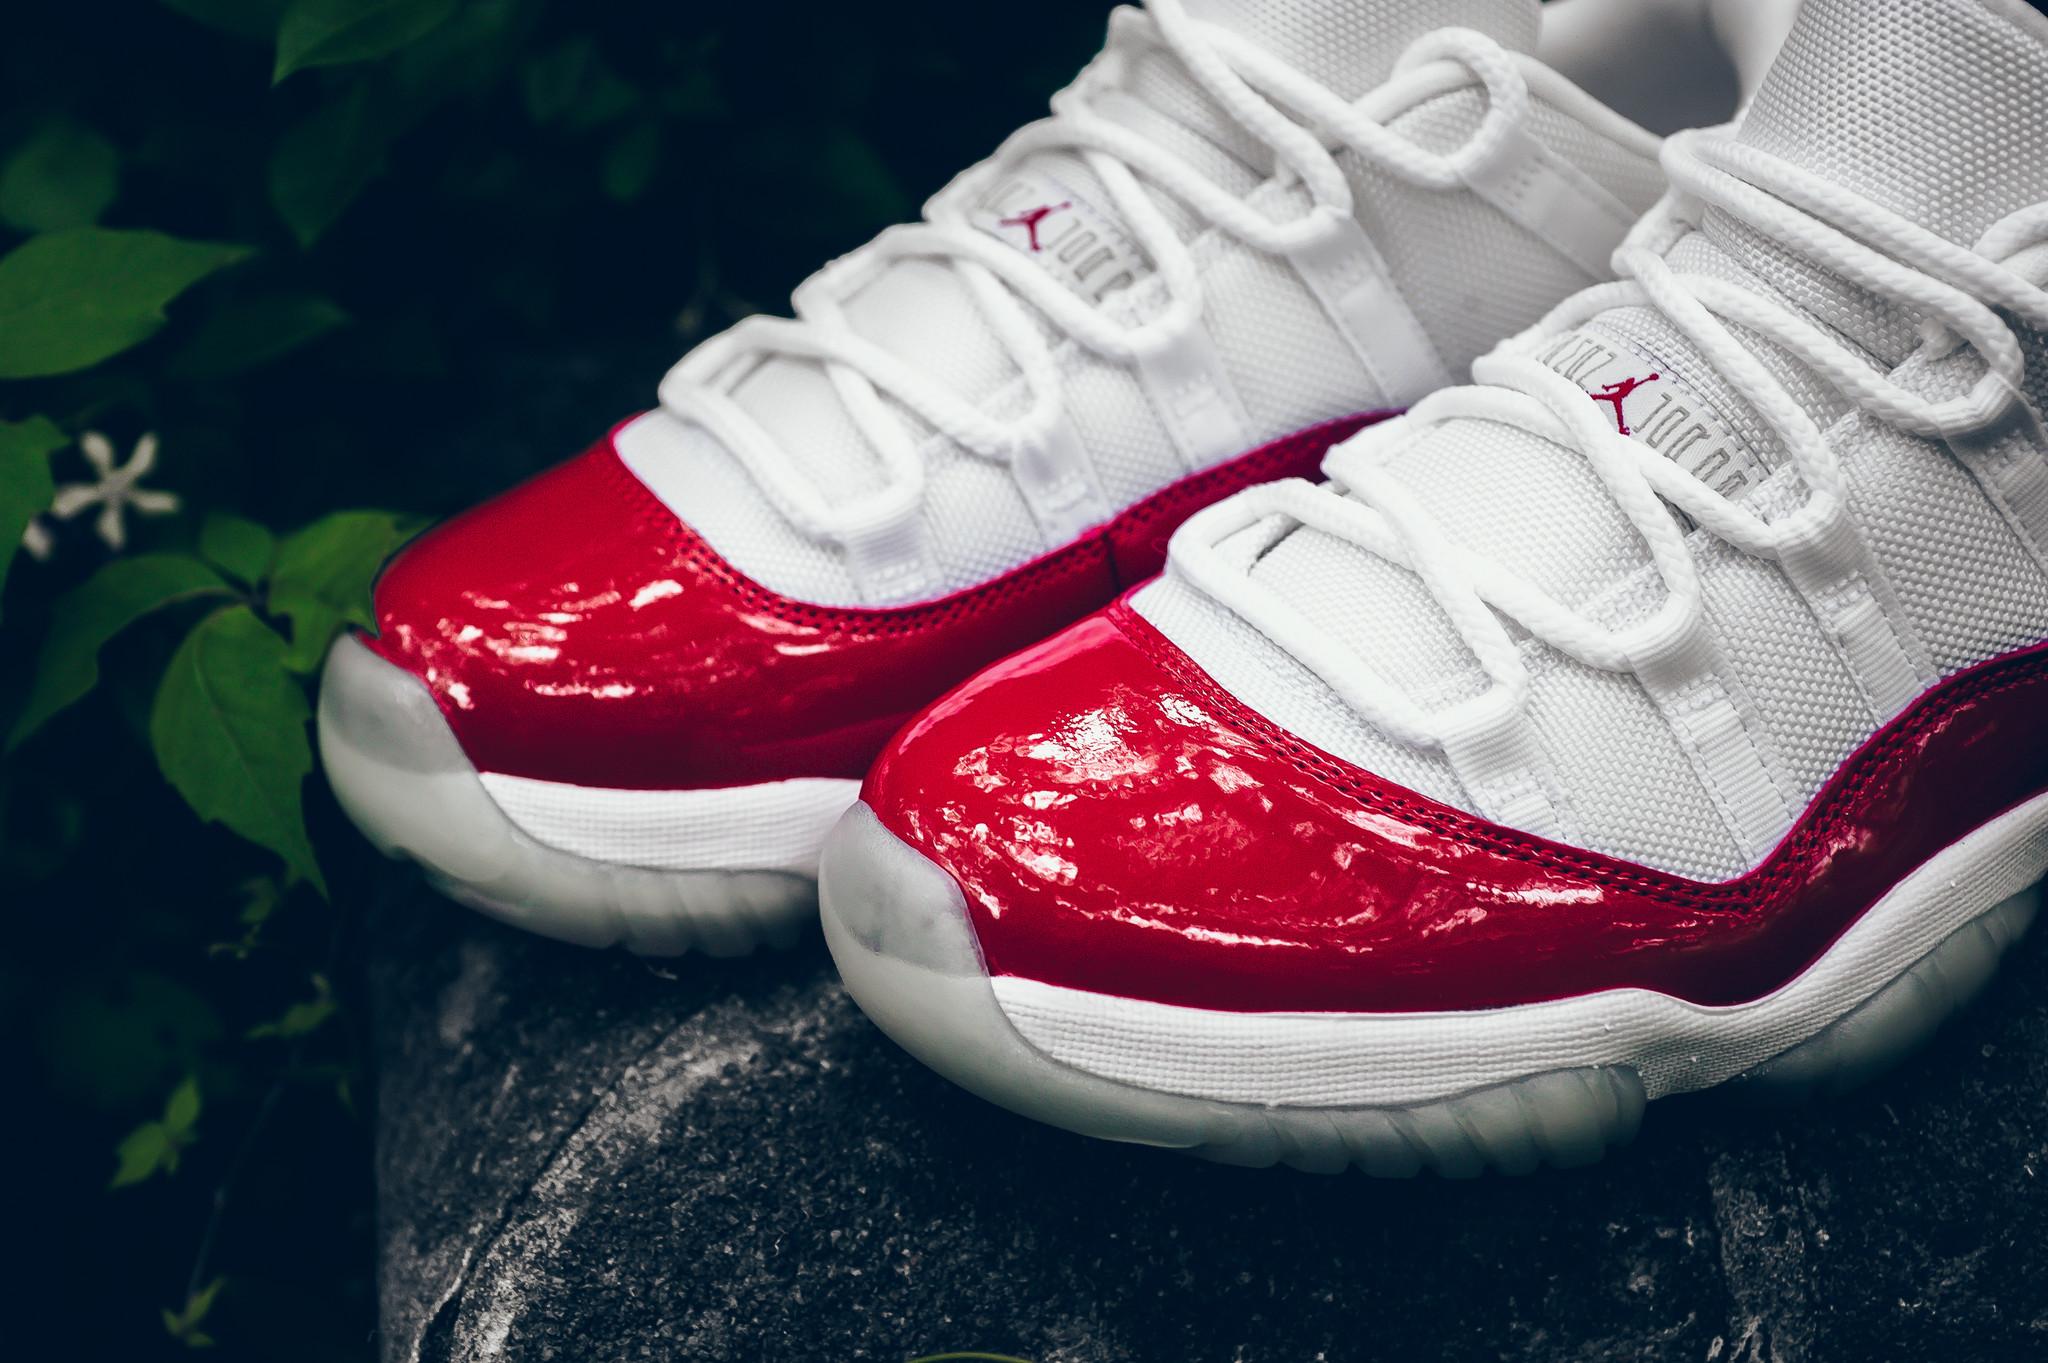 Air Jordan XI Retro Low Varsity Red - New Images - Air 23 - Air Jordan  Release Dates 58d0f98b9